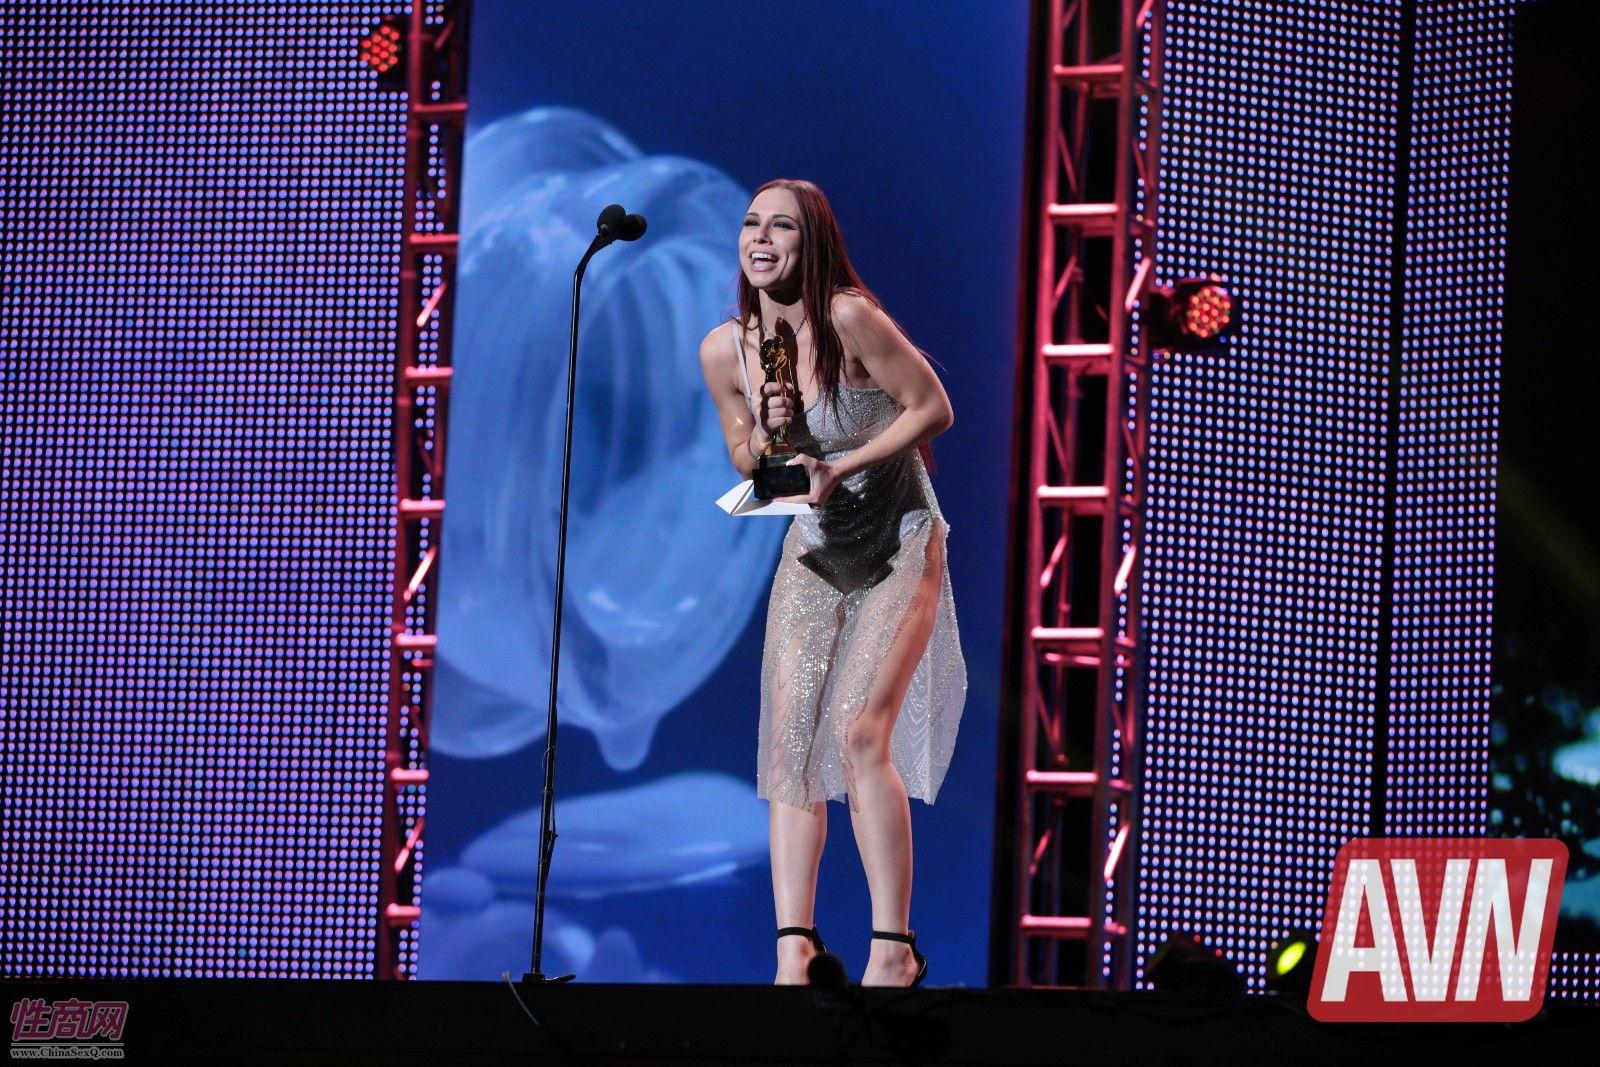 18拉斯维加斯成人展AVN:颁奖典礼 (45)